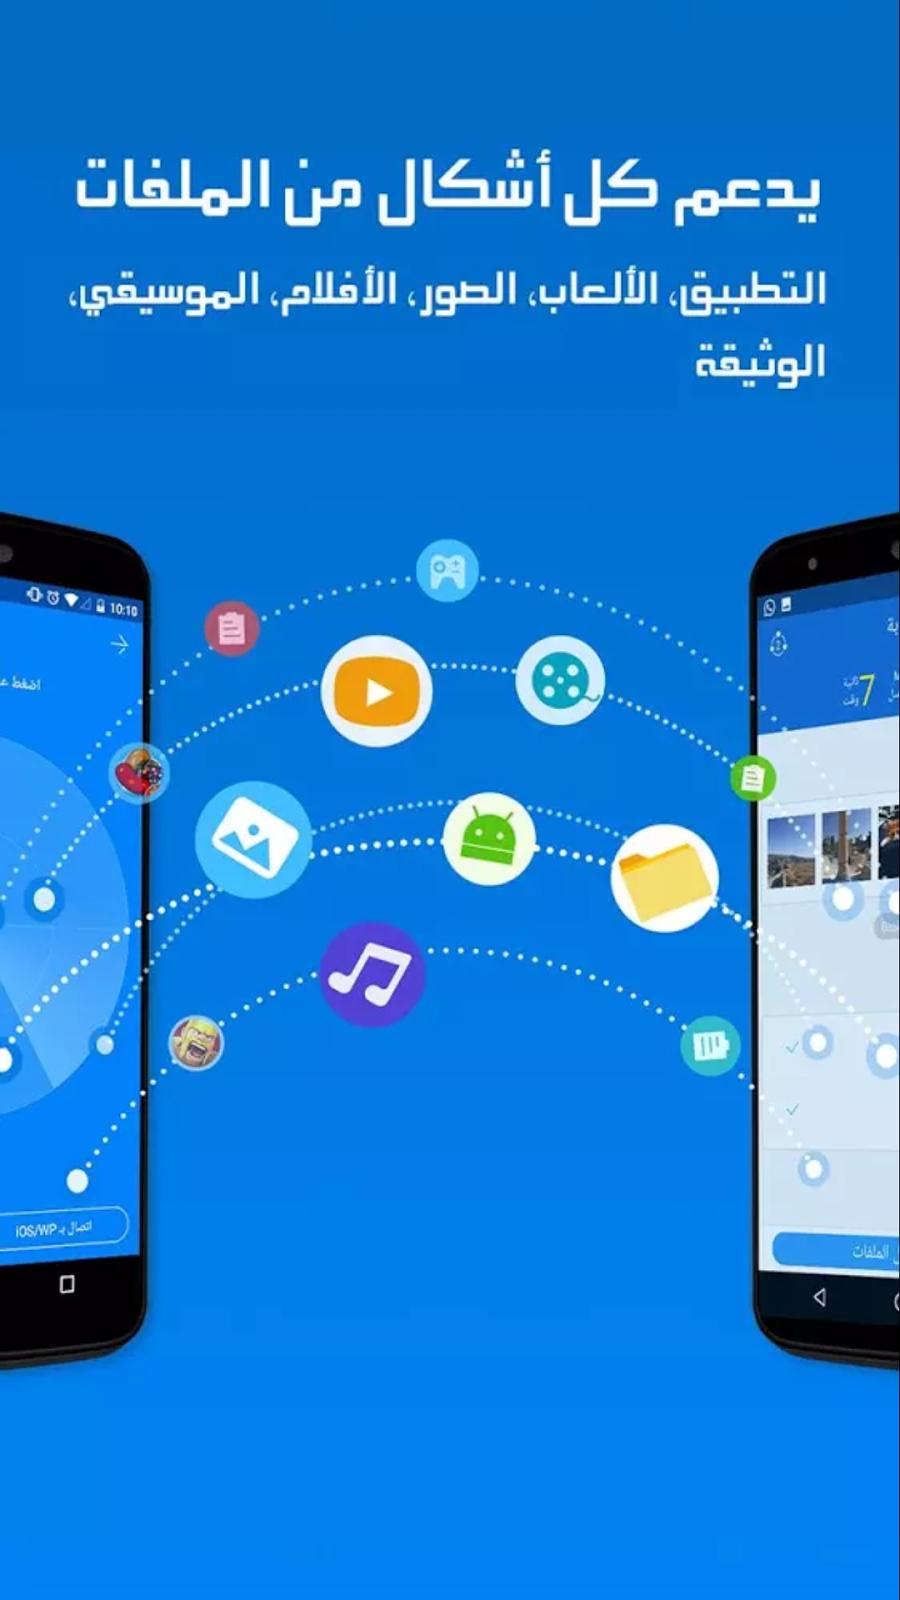 مدونة المعلومات والتقنيات العالمية تطبيق SHAREit أسرع